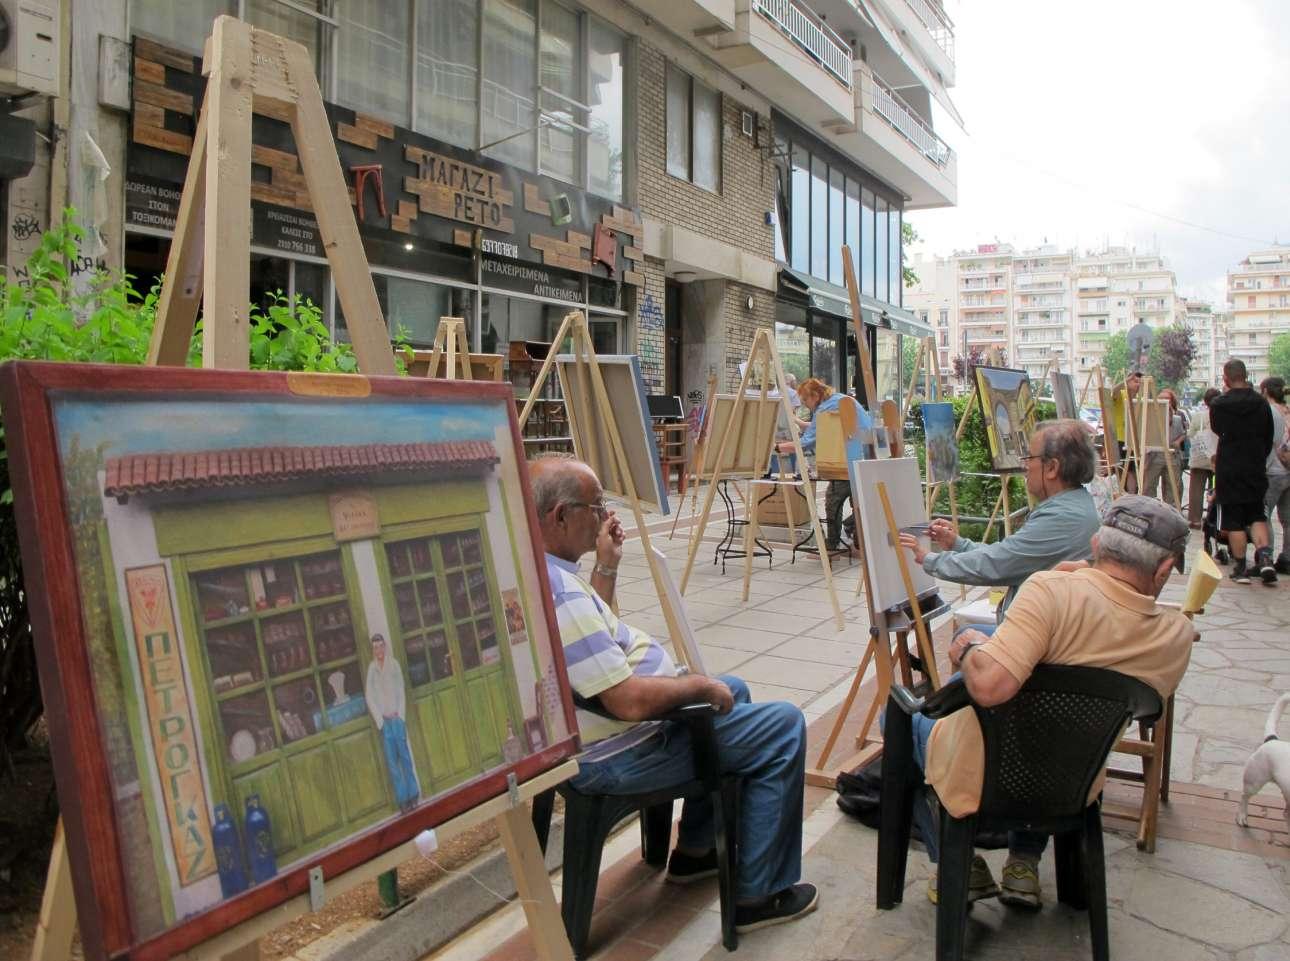 Υπαίθρια ζωγραφική αλλά και έκθεση των εικαστικών έργων σε πεζόδρομο της Θεσσαλονίκης